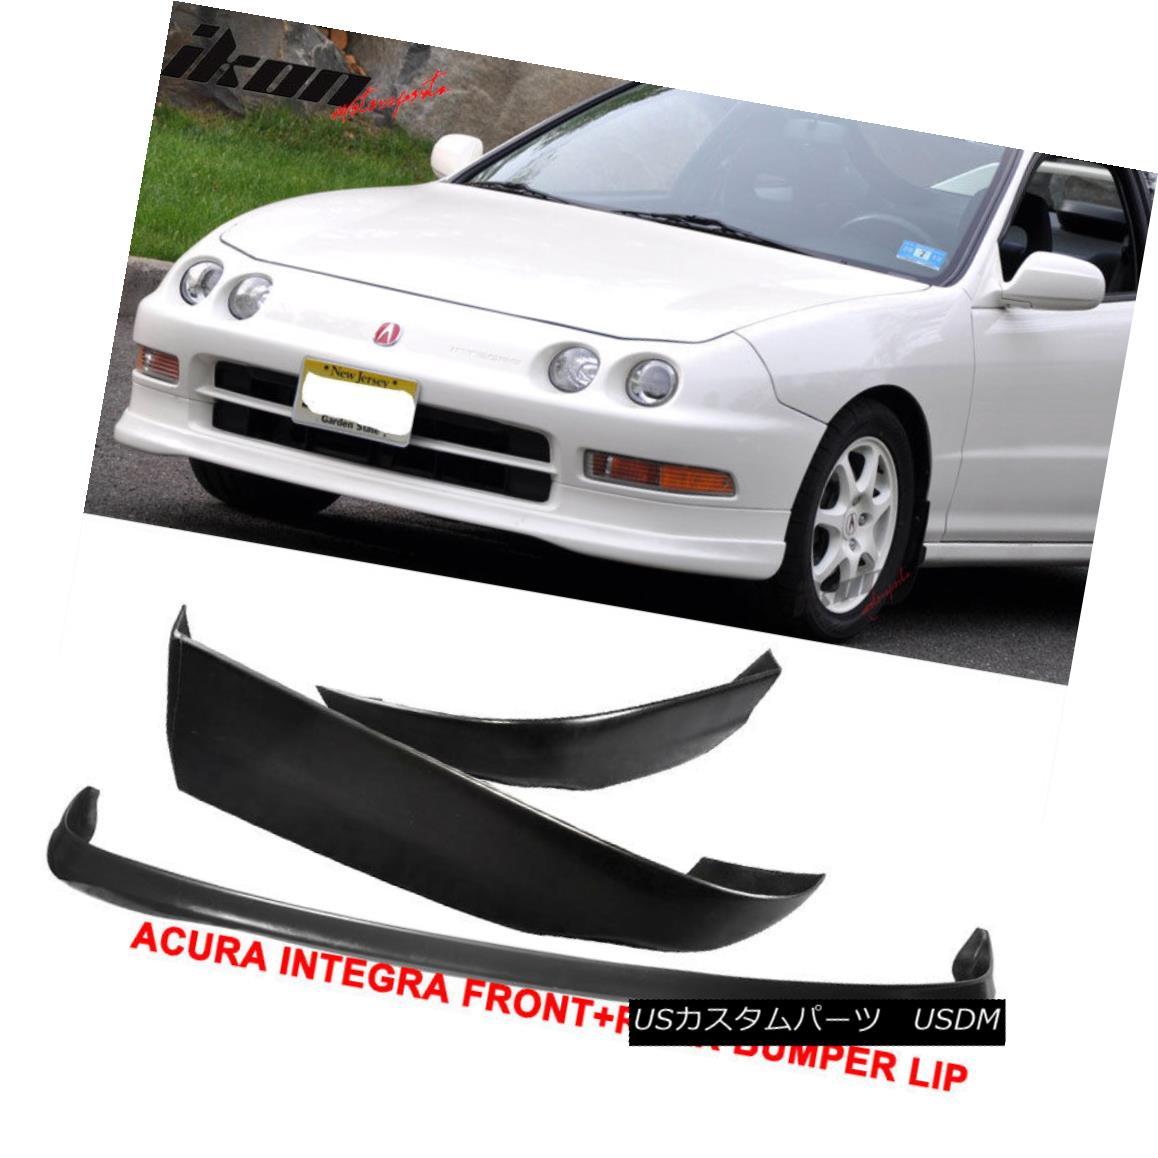 エアロパーツ Fits 94-97 Acura Integra T-R Urethane Front Bumper Lip + T-R ABS Rear Lip フィット94-97アキュラインテグラT-Rウレタンフロントバンパーリップ+ T-R ABSリアリップ